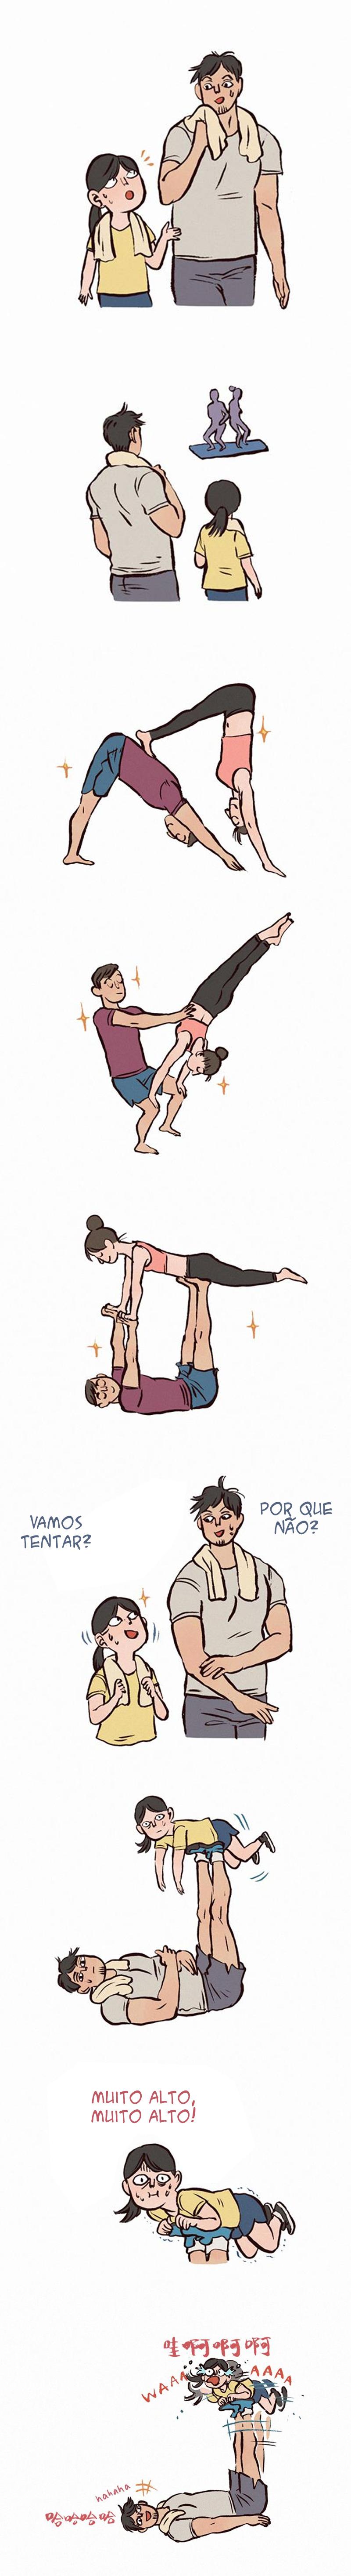 Fazer exercícios físicos acompanhado é muito melhor